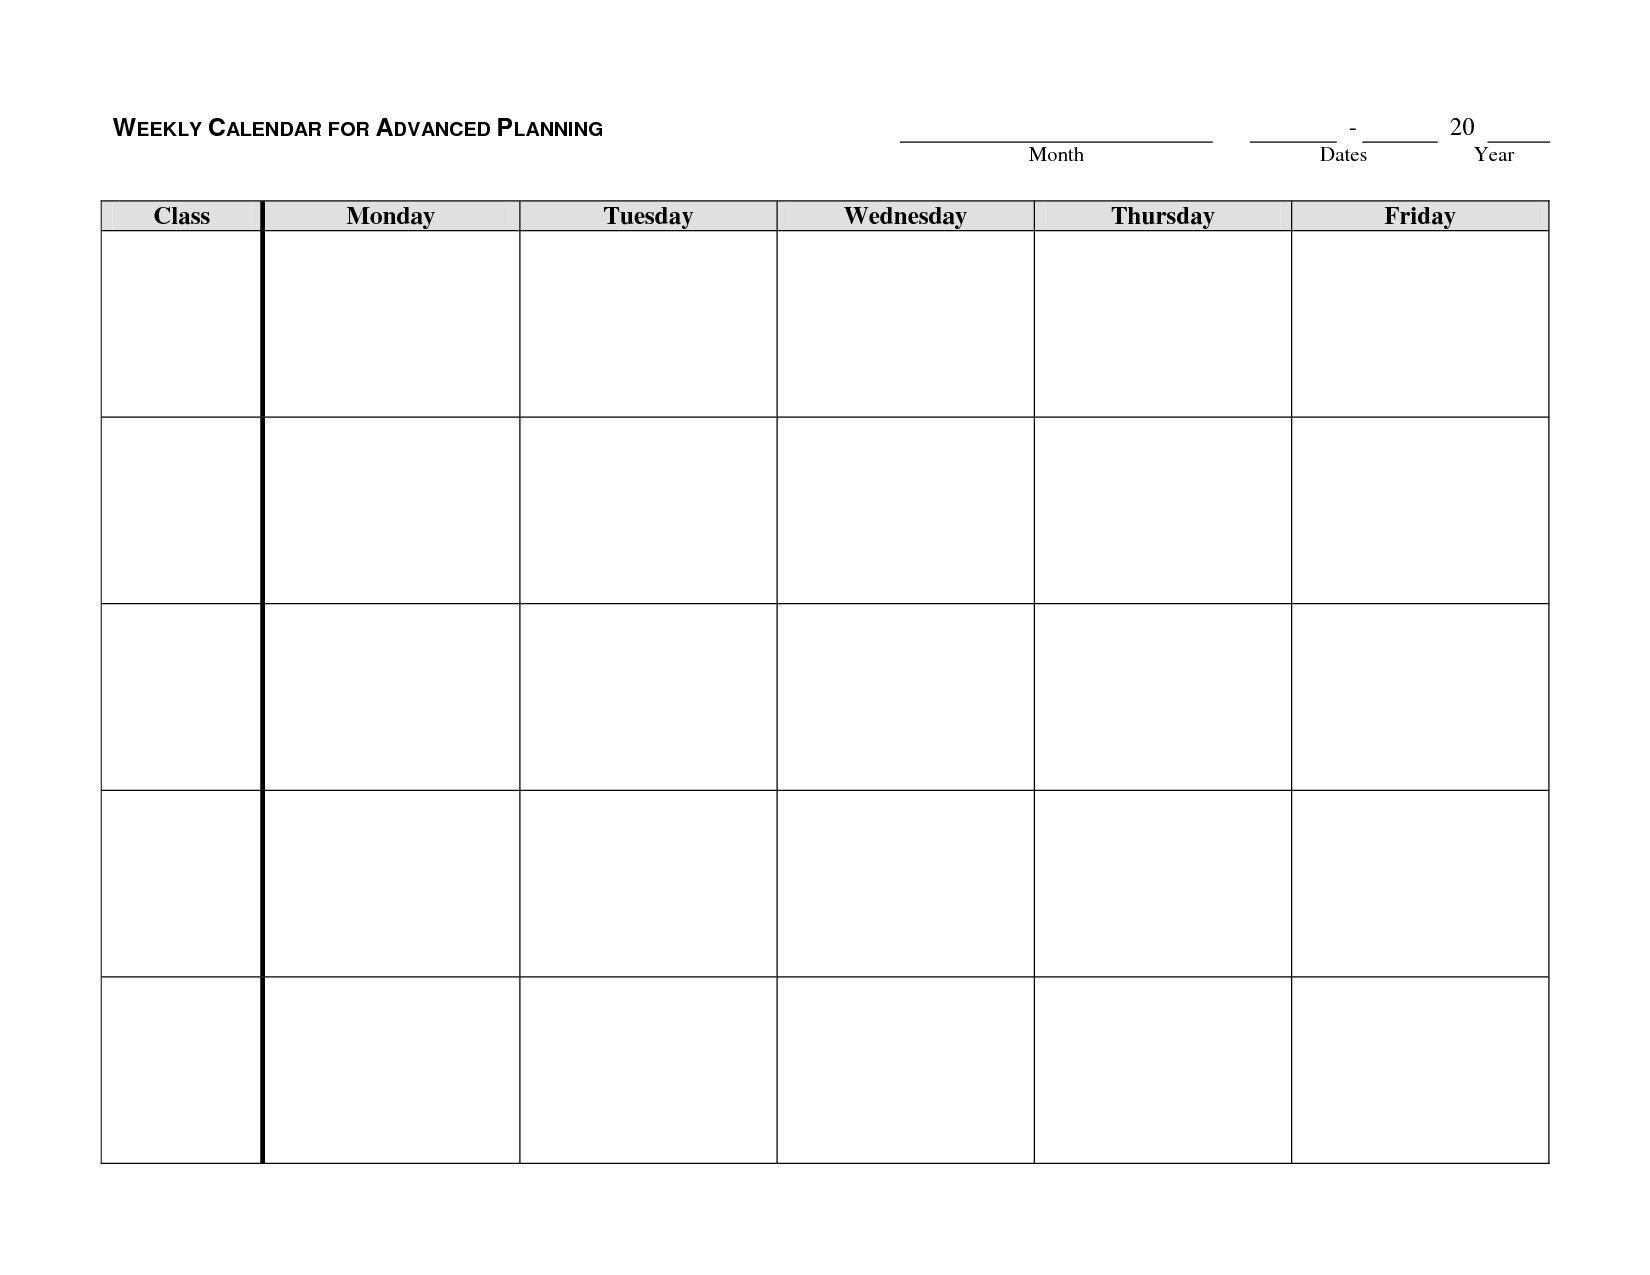 Monday Through Friday Template   Calendar Template Printable Word Calendar Template Monday - Sunday